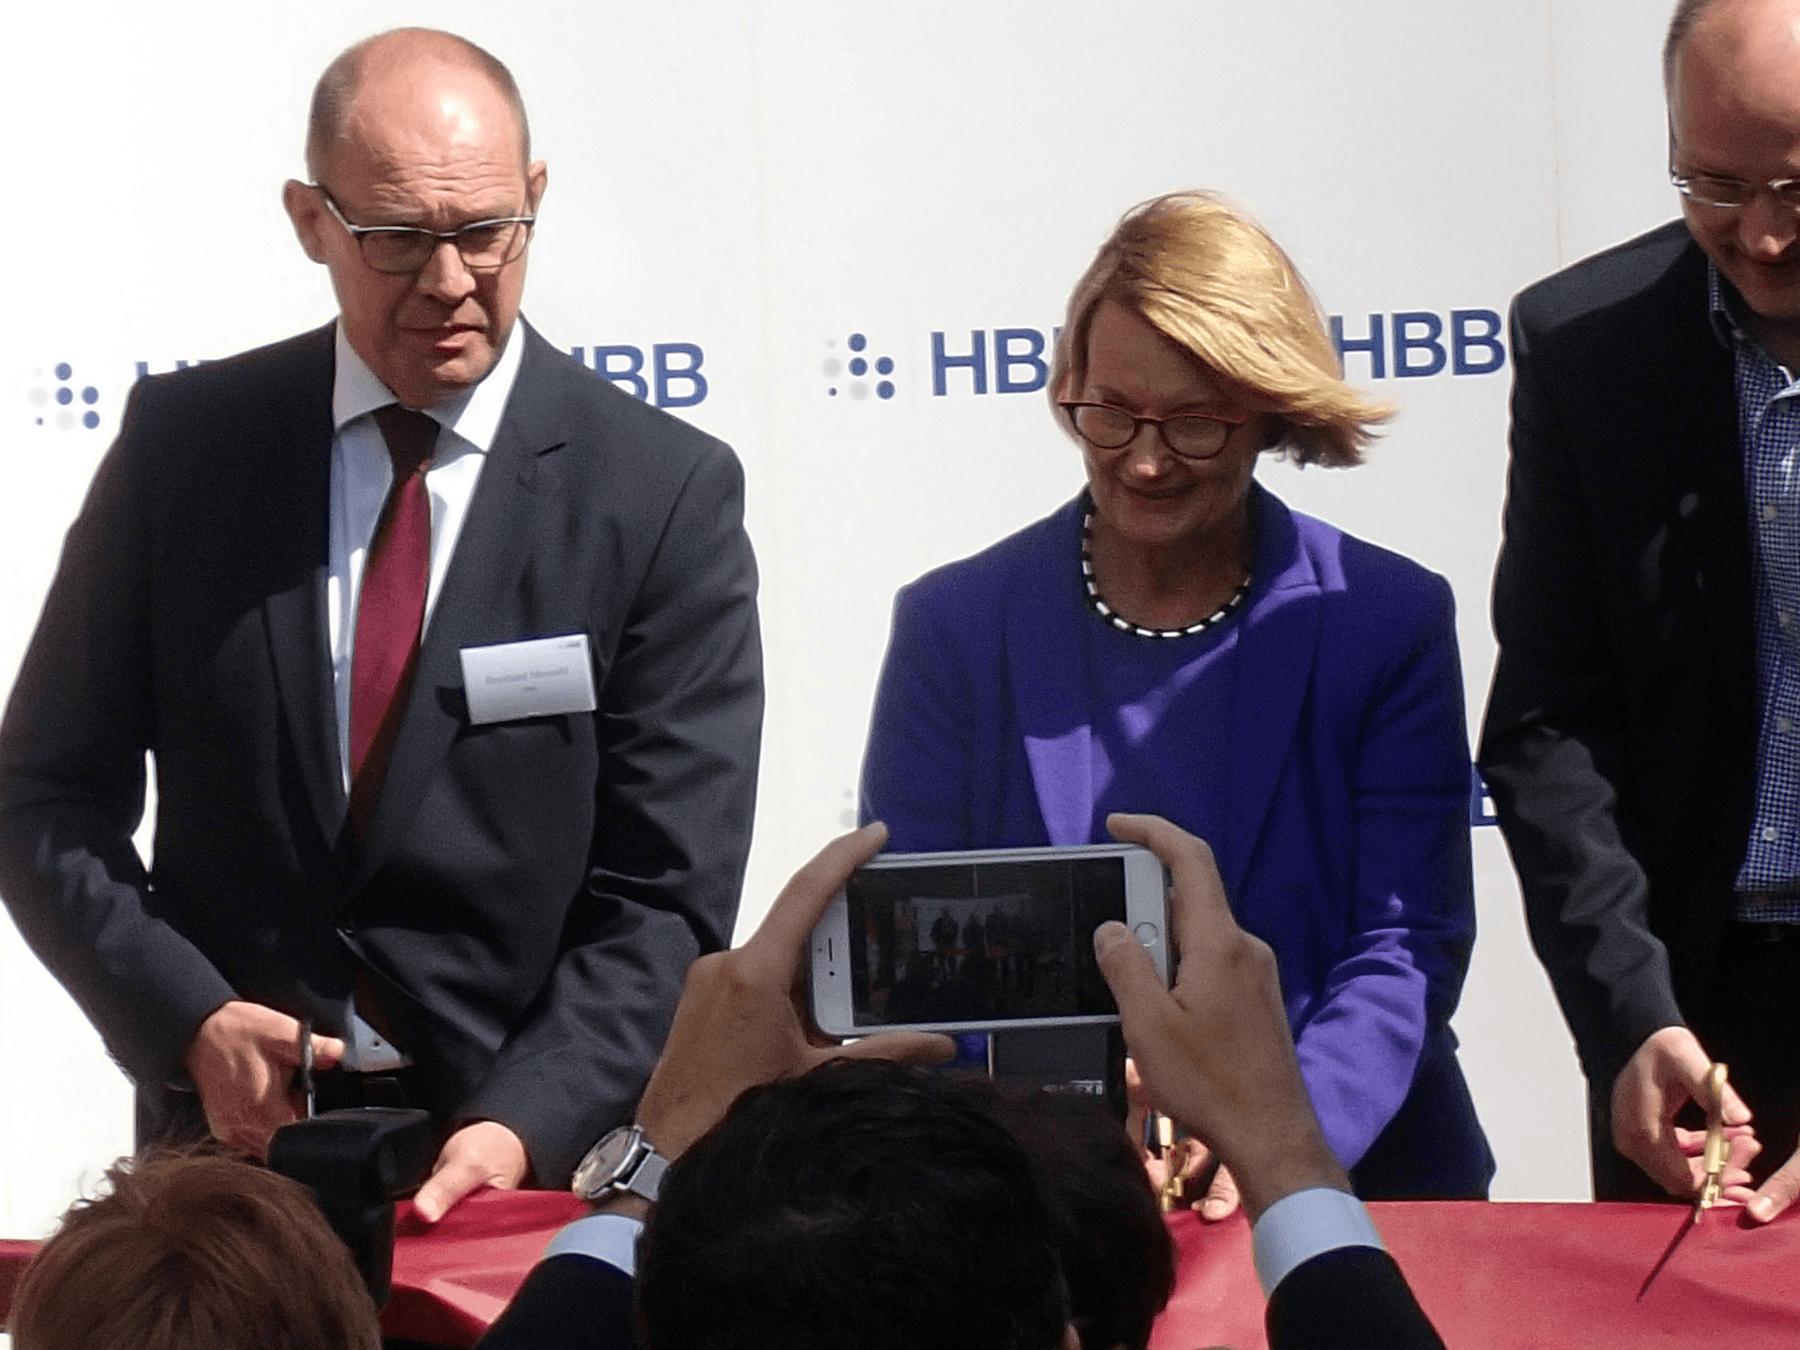 Feierliche Eröffnung des neuen Einkaufszentrums in Plettenberg